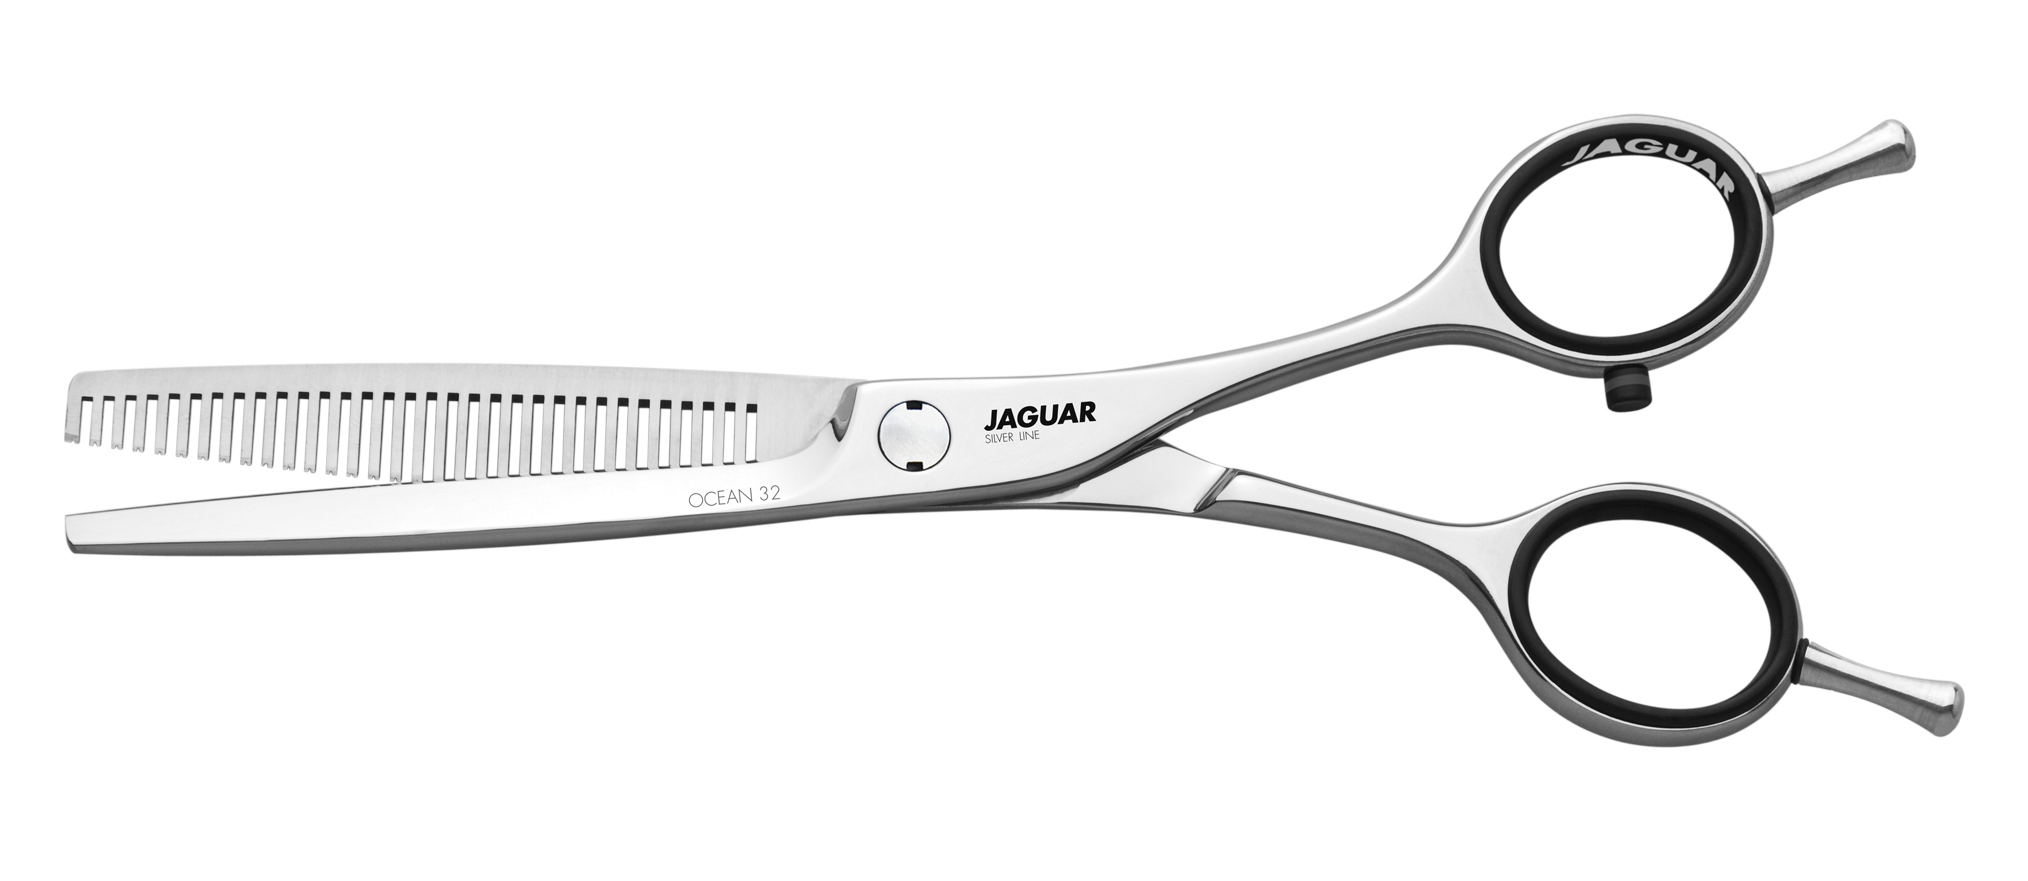 JAGUAR Ножницы A Ocean филир.32 6' *** jaguar ножницы jaguar silence 6 15 5cm gl